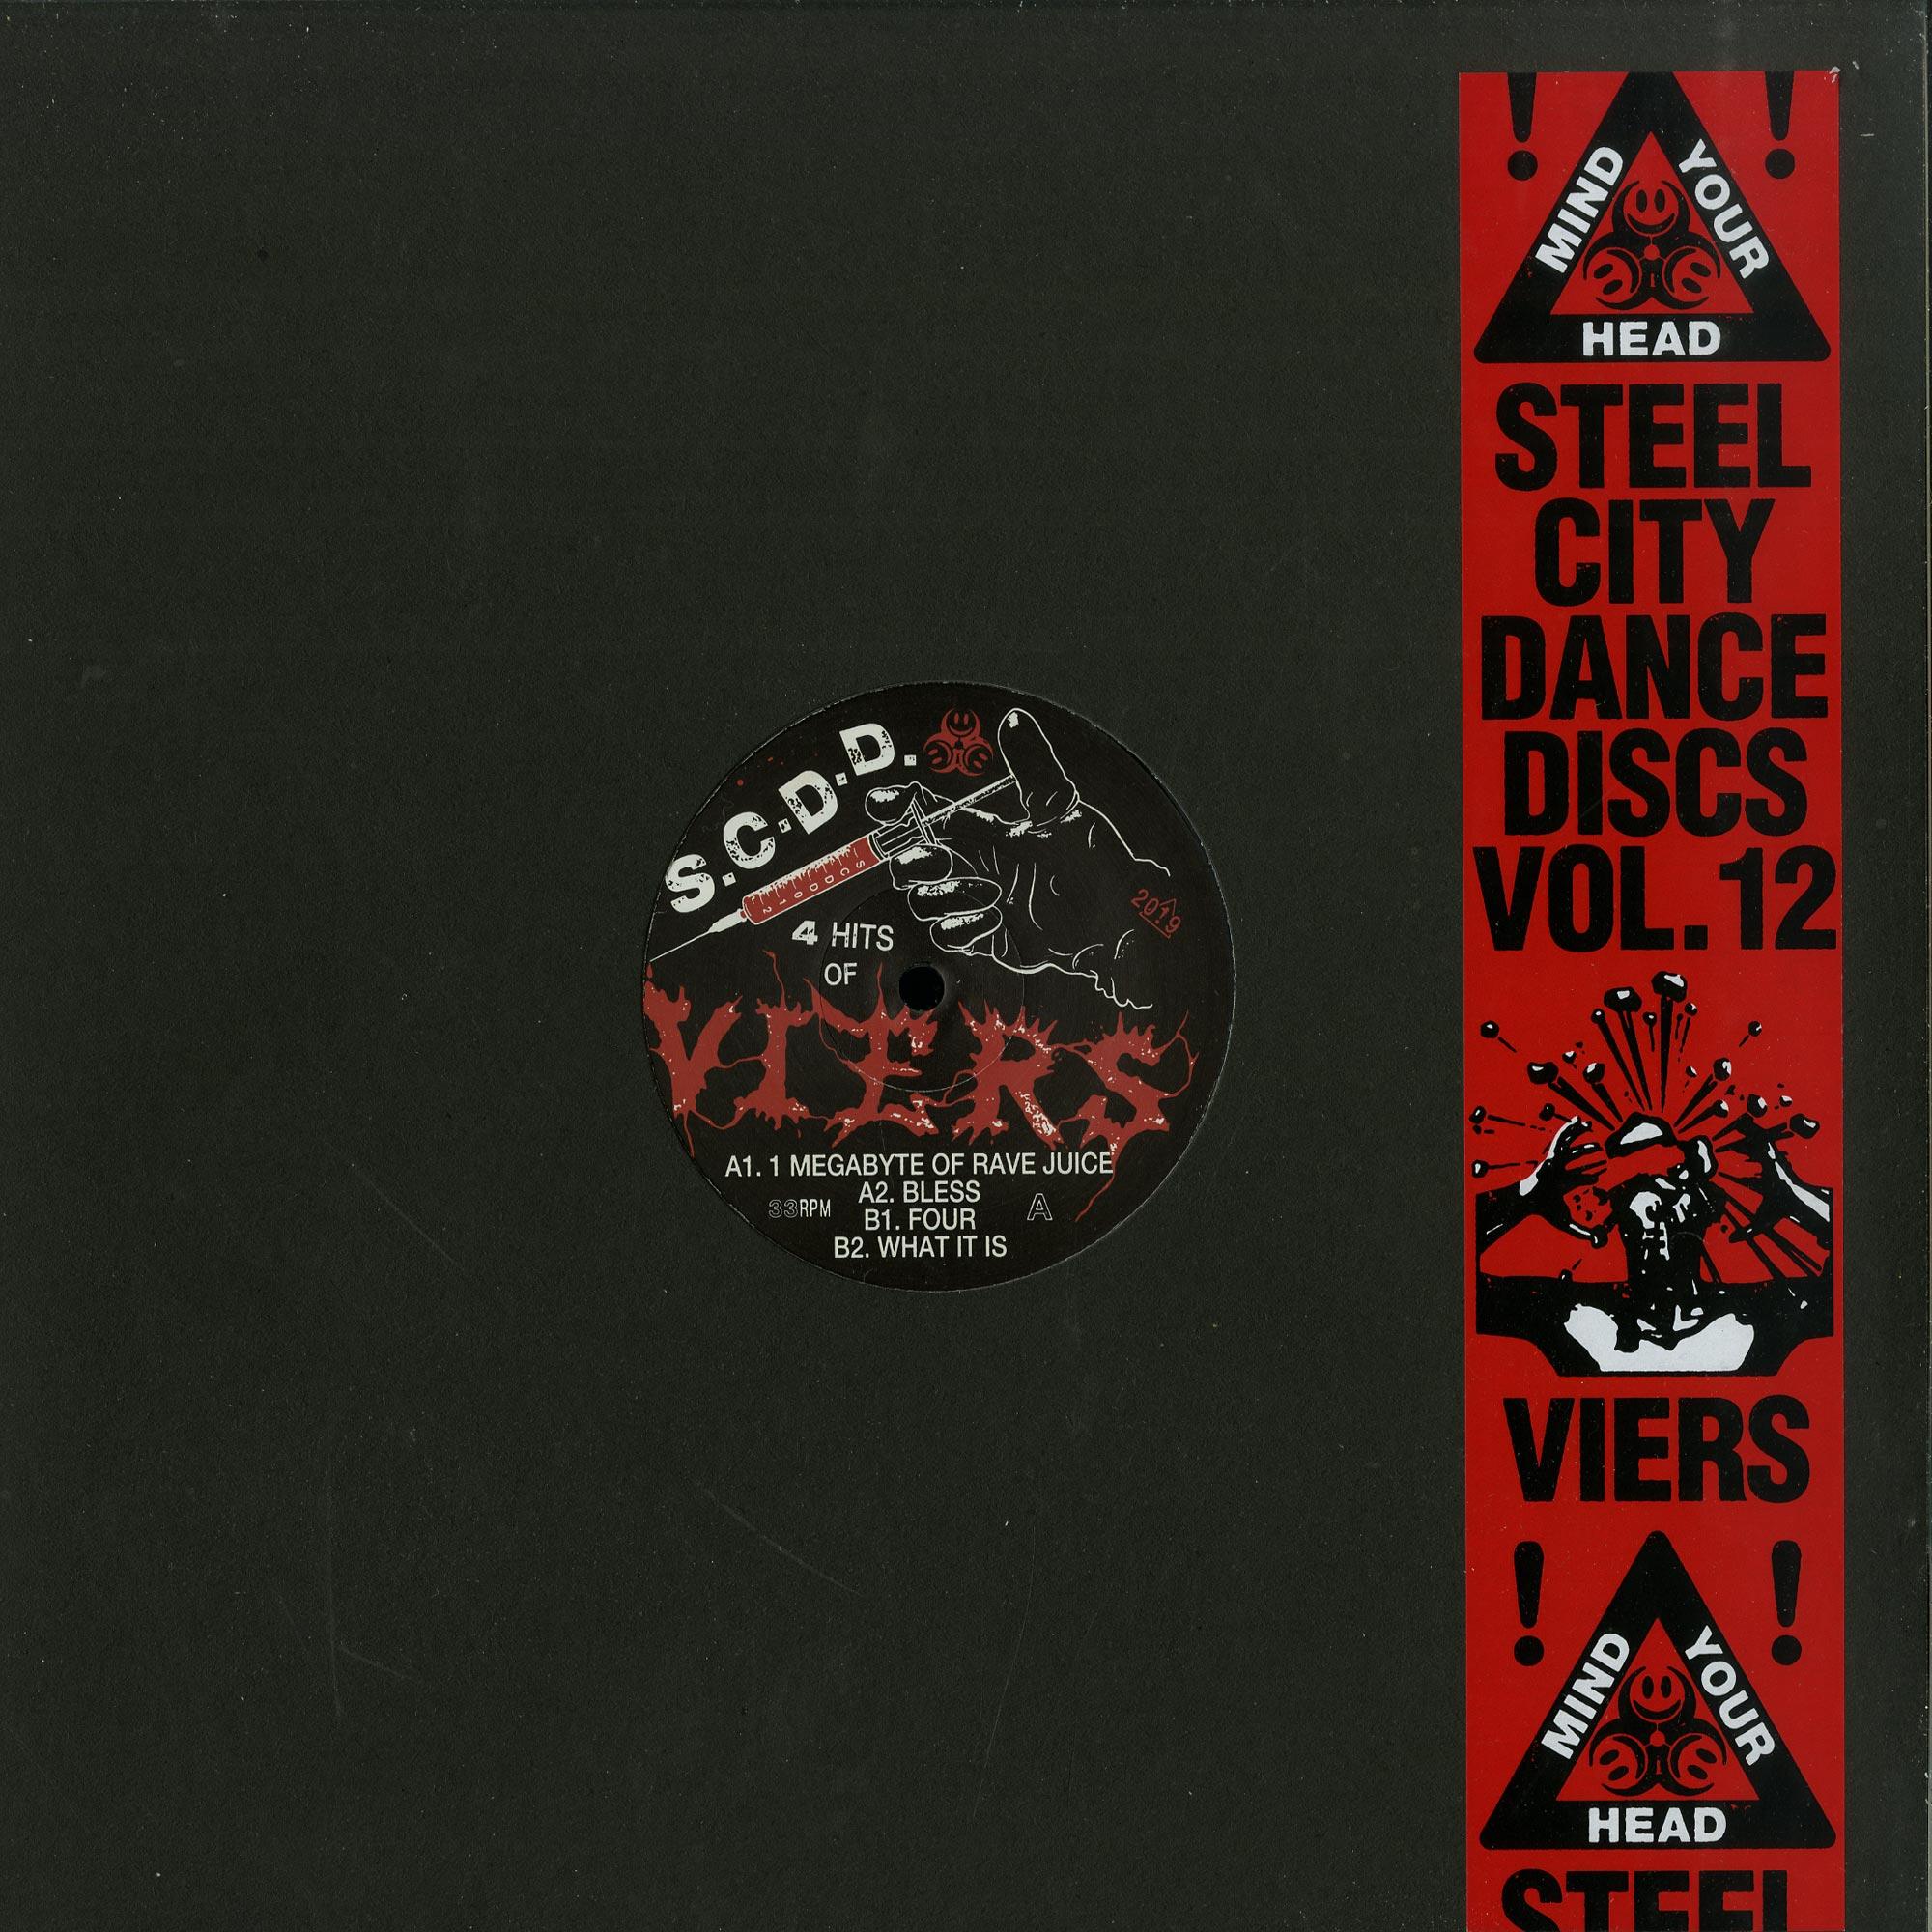 Viers - STEEL CITY DANCE DISCS VOLUME 12